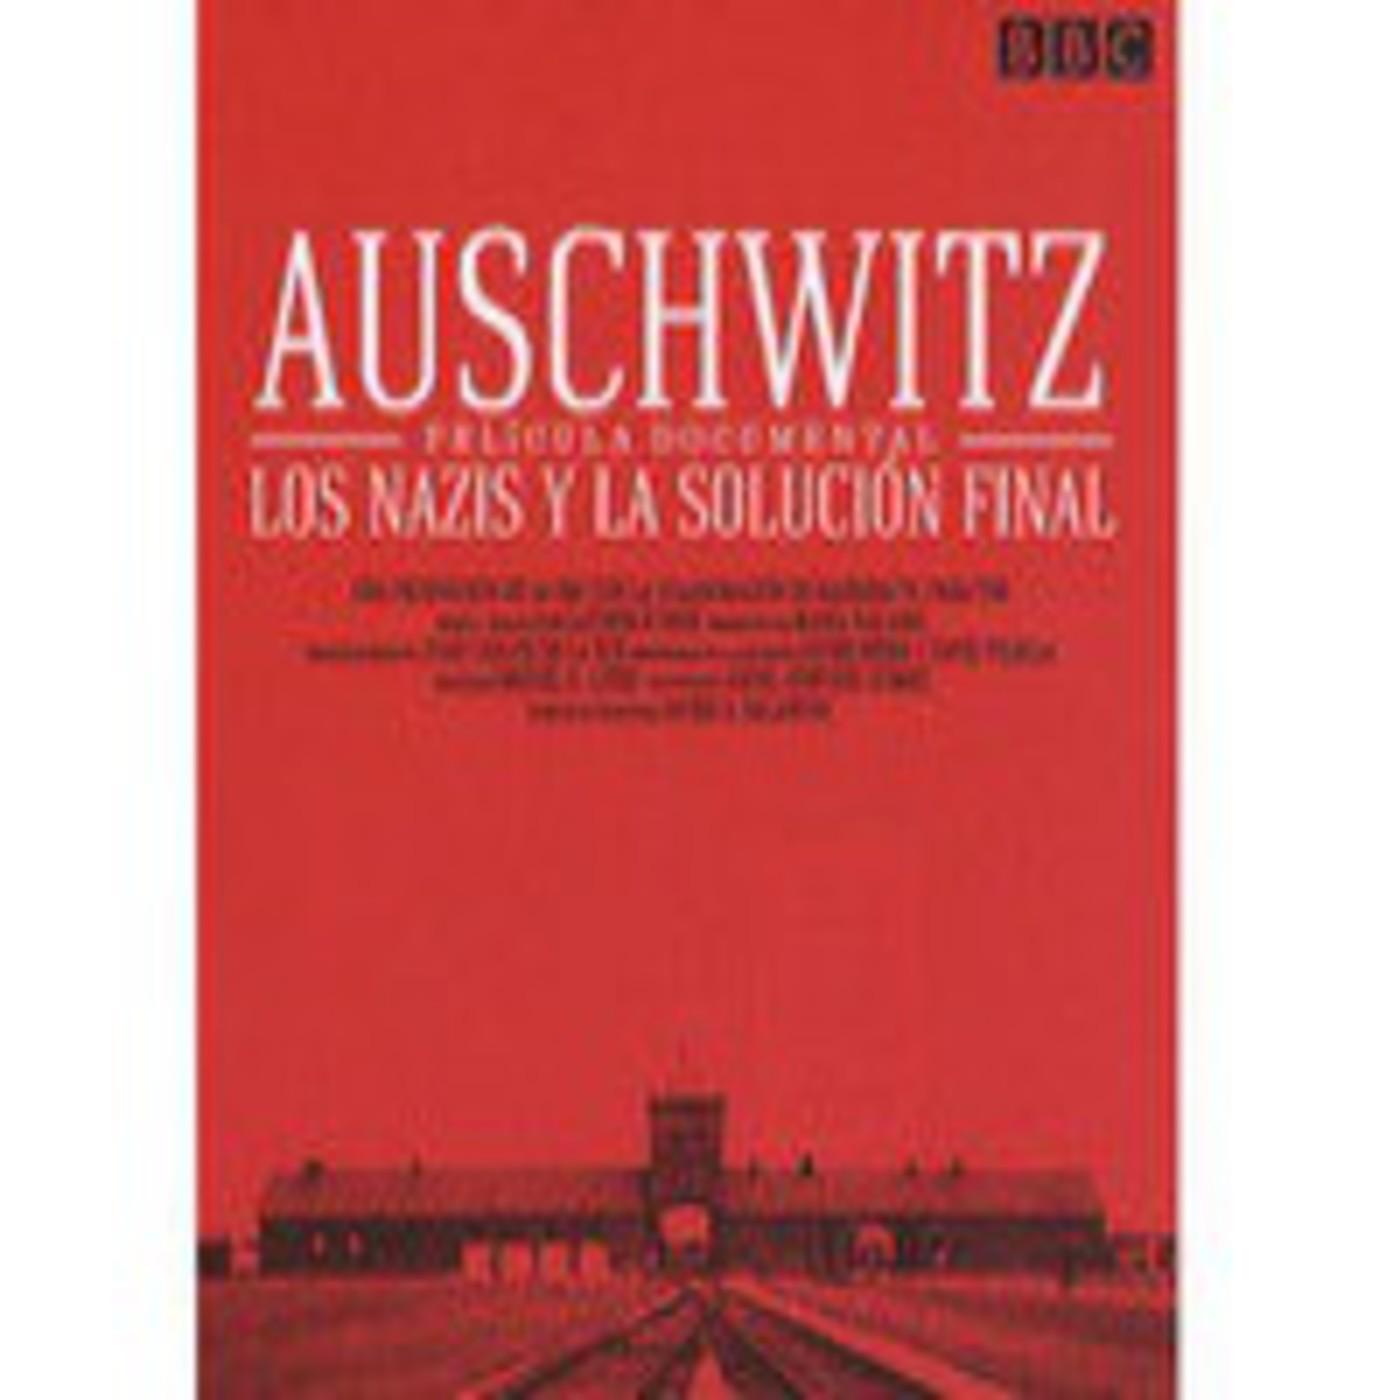 Auschwitz y la solución final: inicios sorprendentes (1/6)